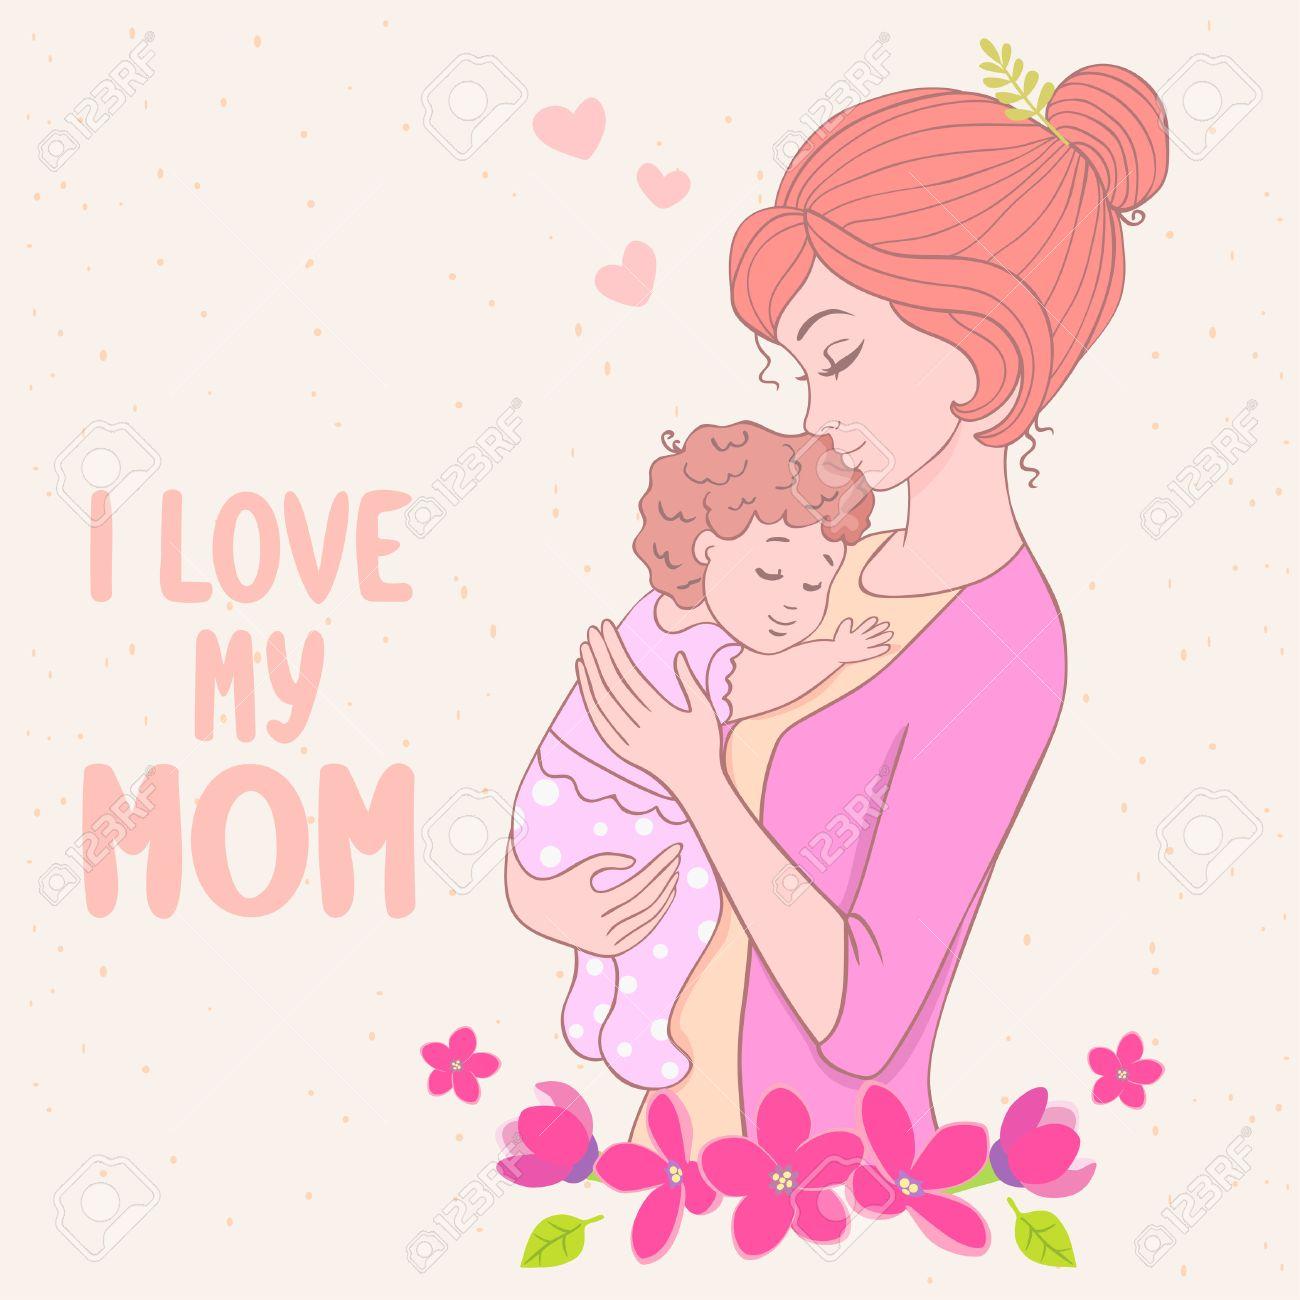 Tarjeta Con Estilo De Dibujos Animados Con La Madre Hermosa Con El ...